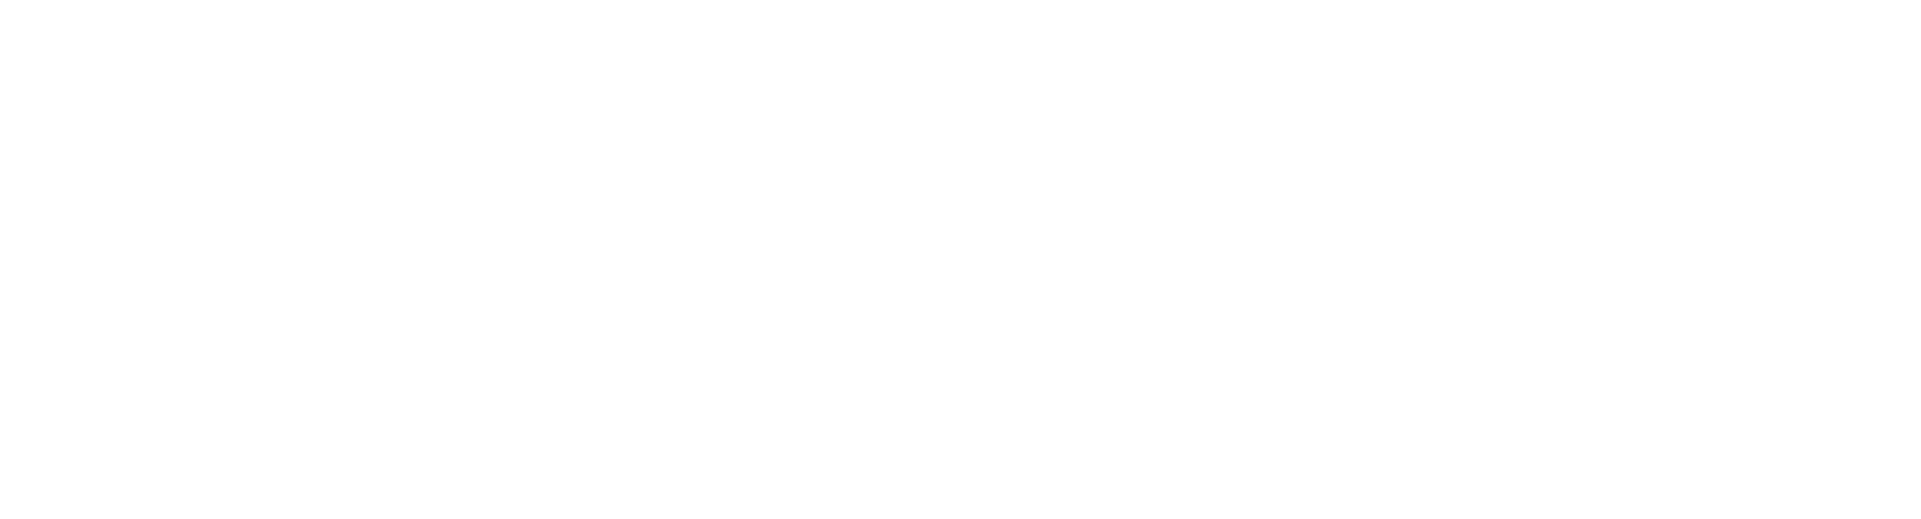 ブログシングルページトップの背景